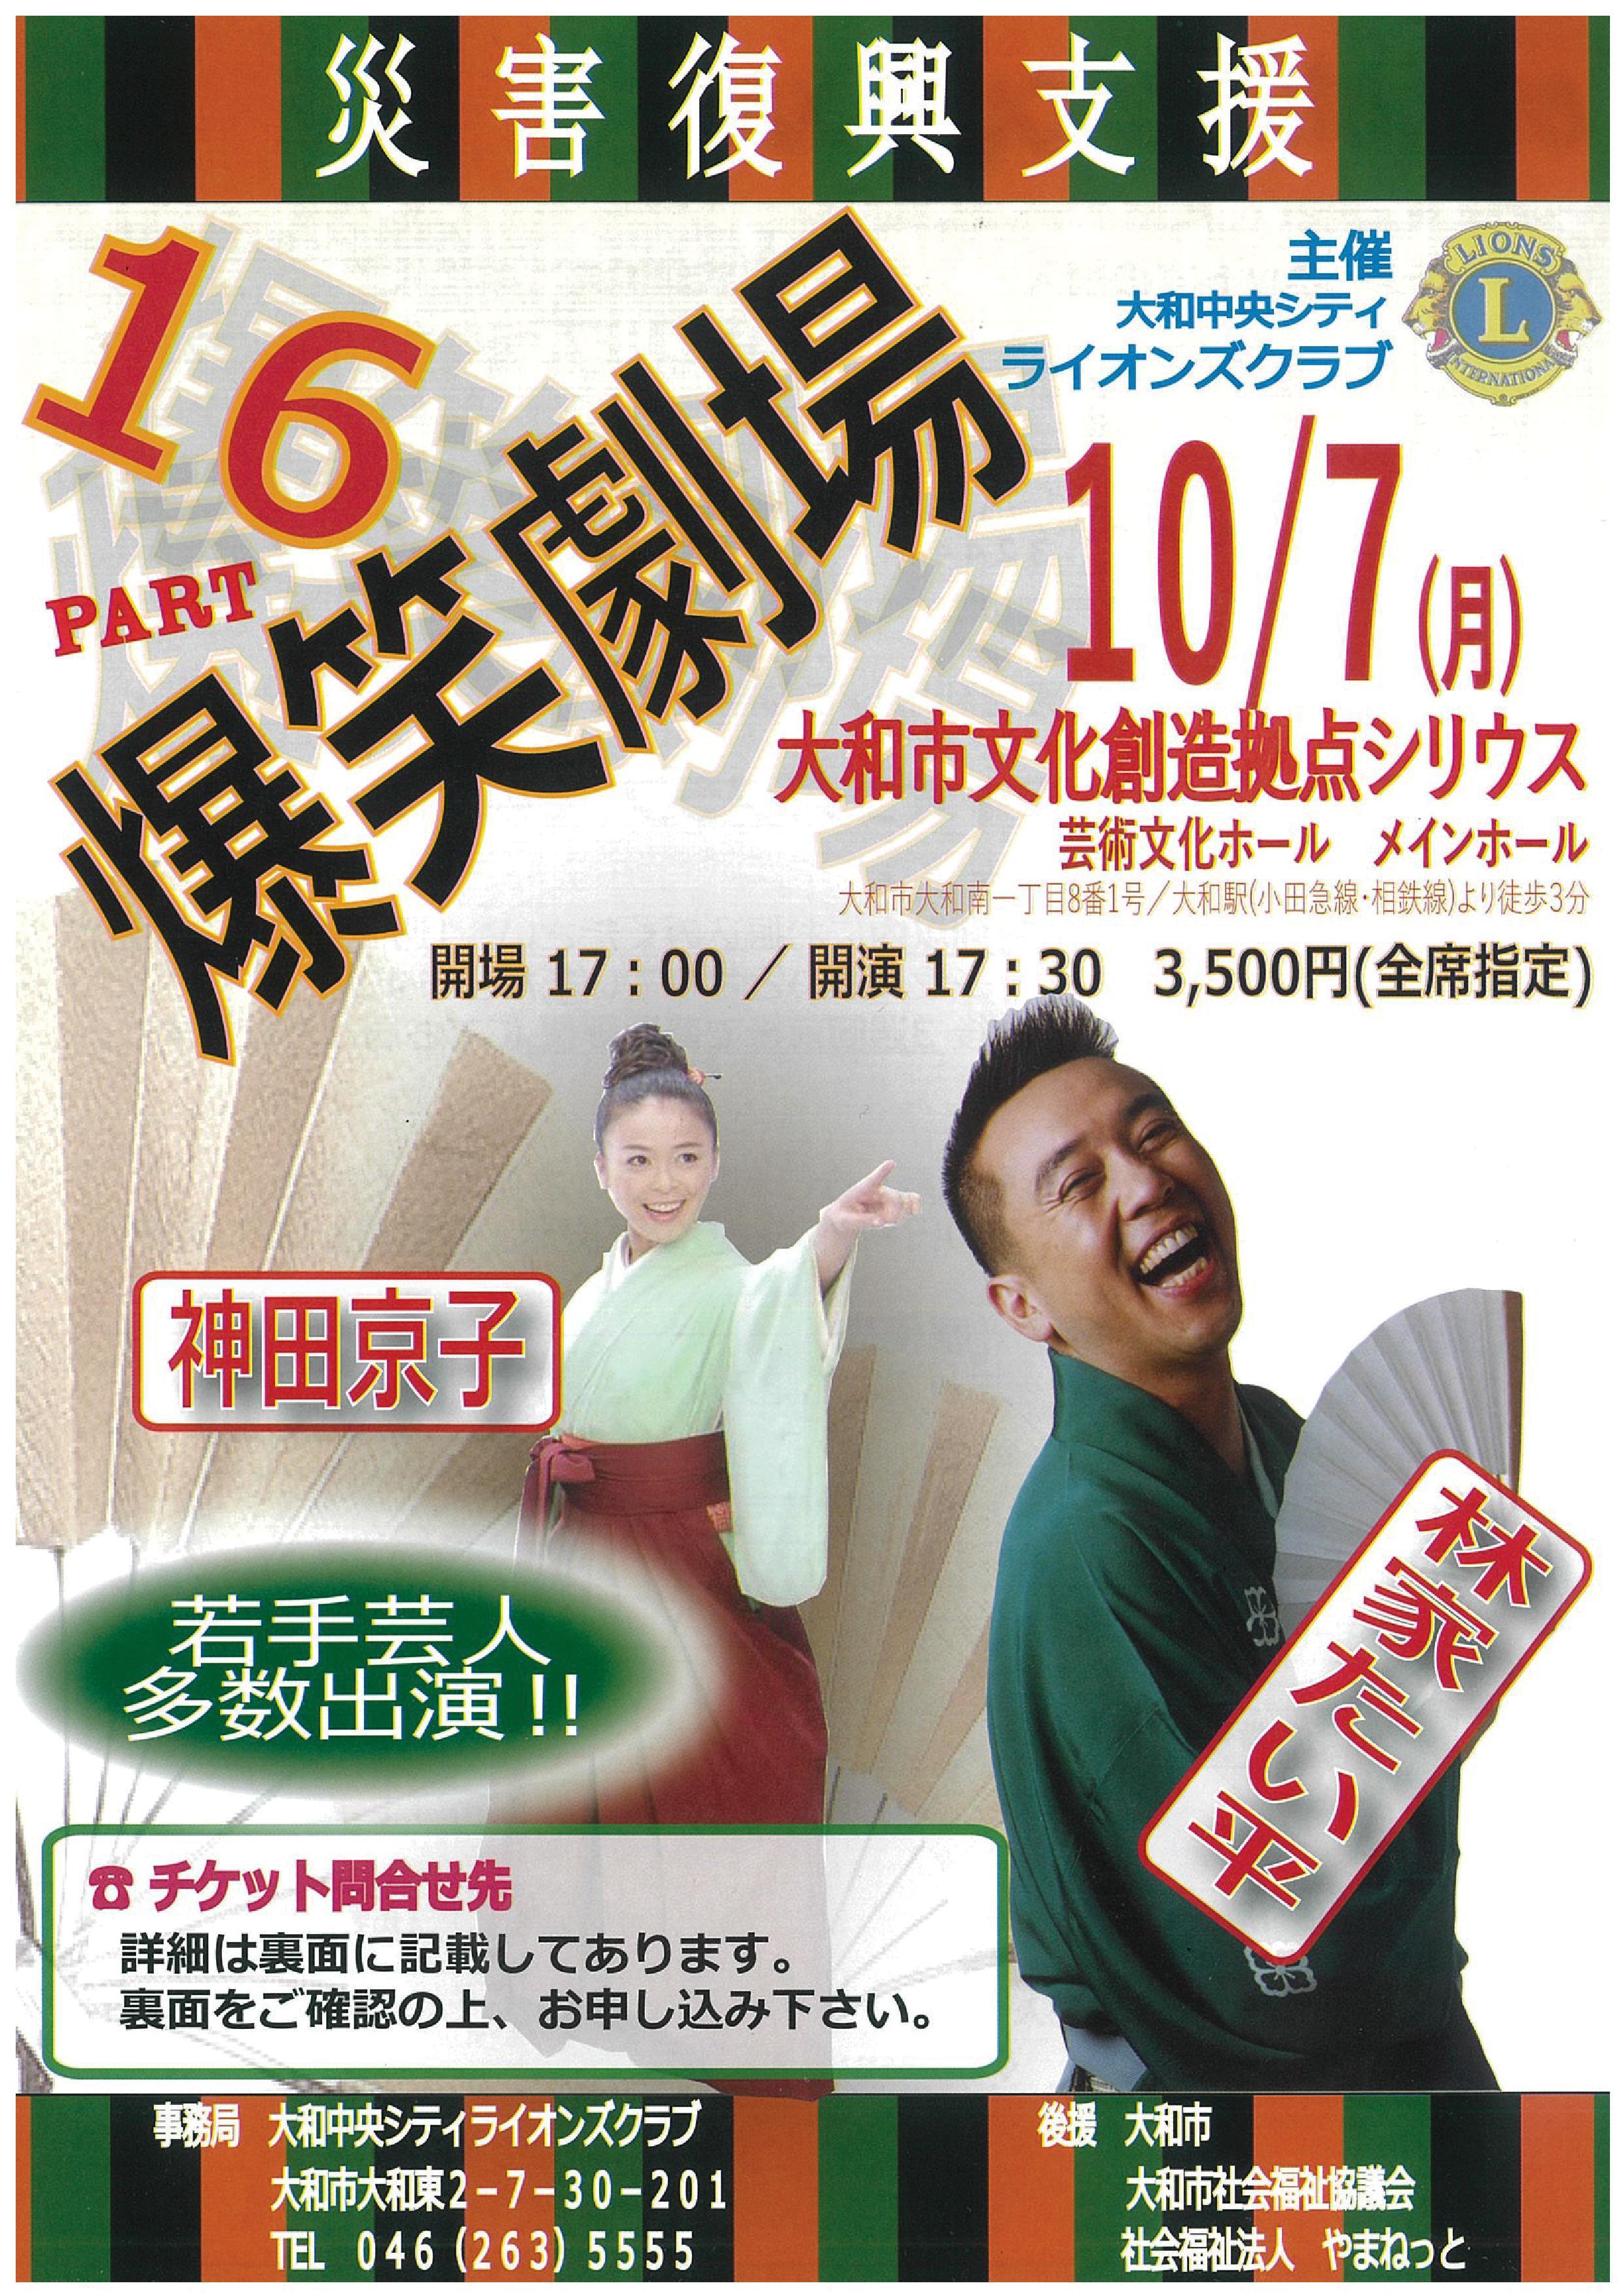 爆笑劇場 PART16